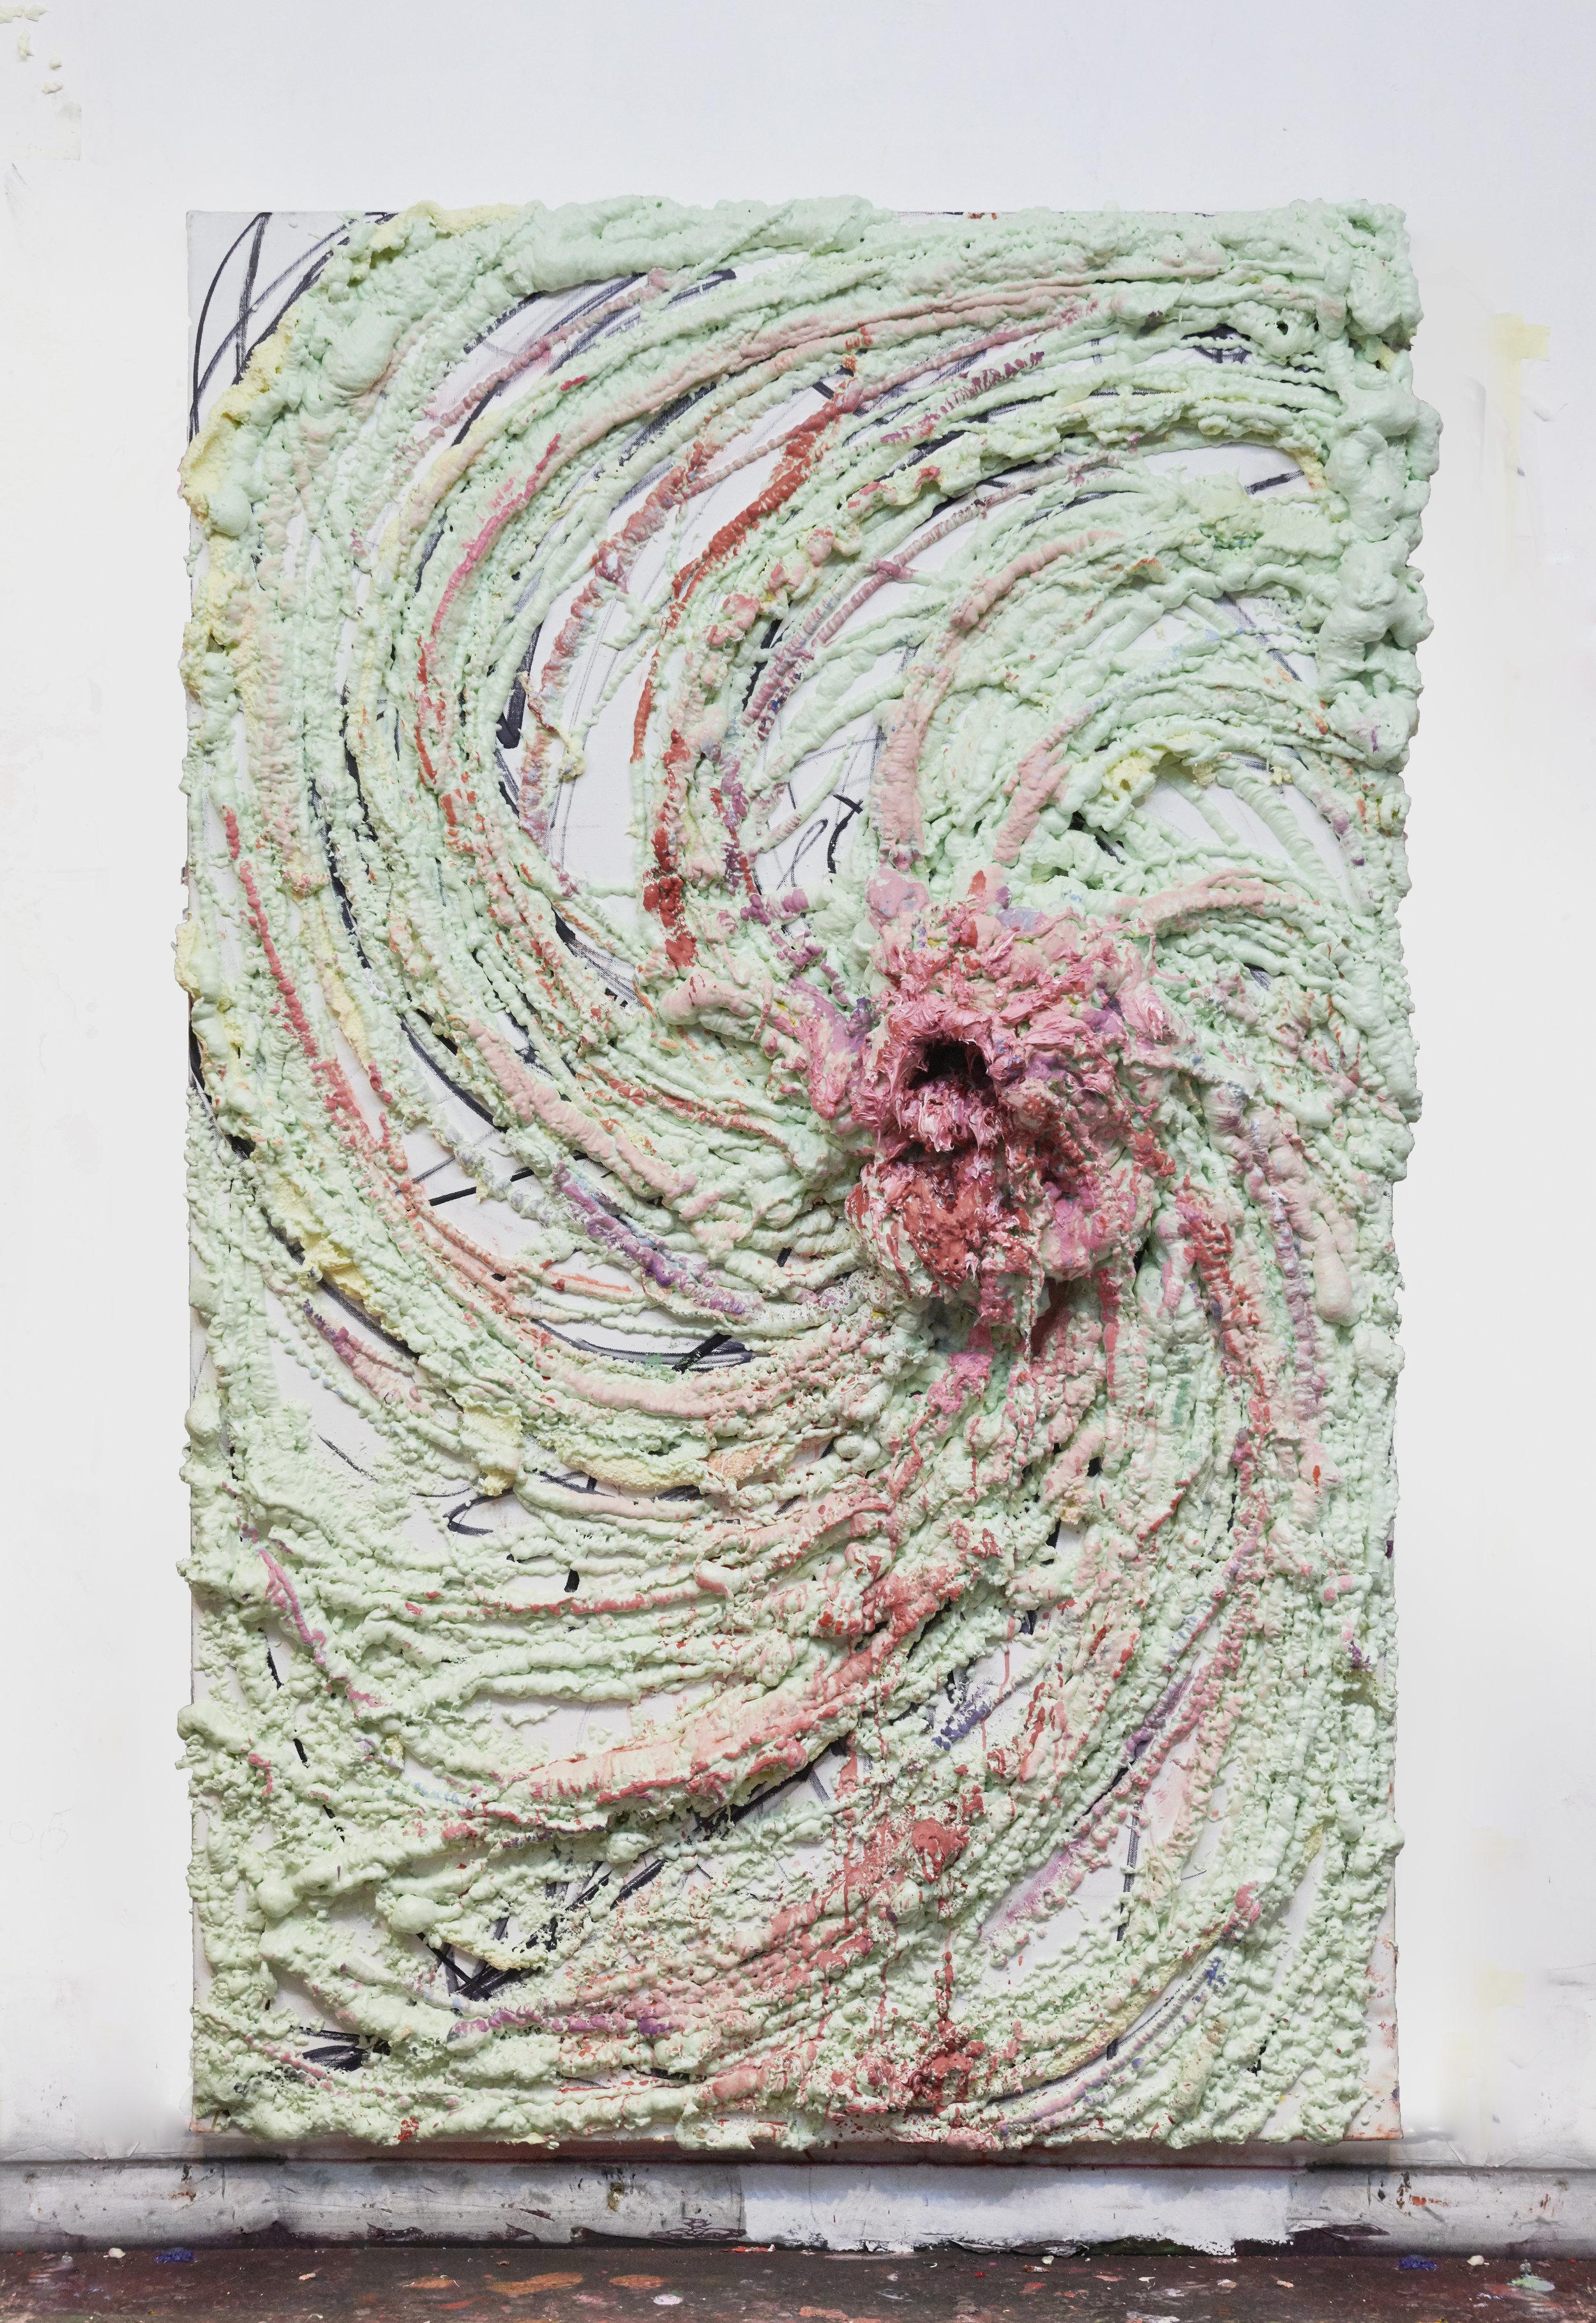 Vortex, 2019 Oil, gesso, acrylic, marker, polyurethane foam on canvas on canvas 210 x 135 x 10 cm